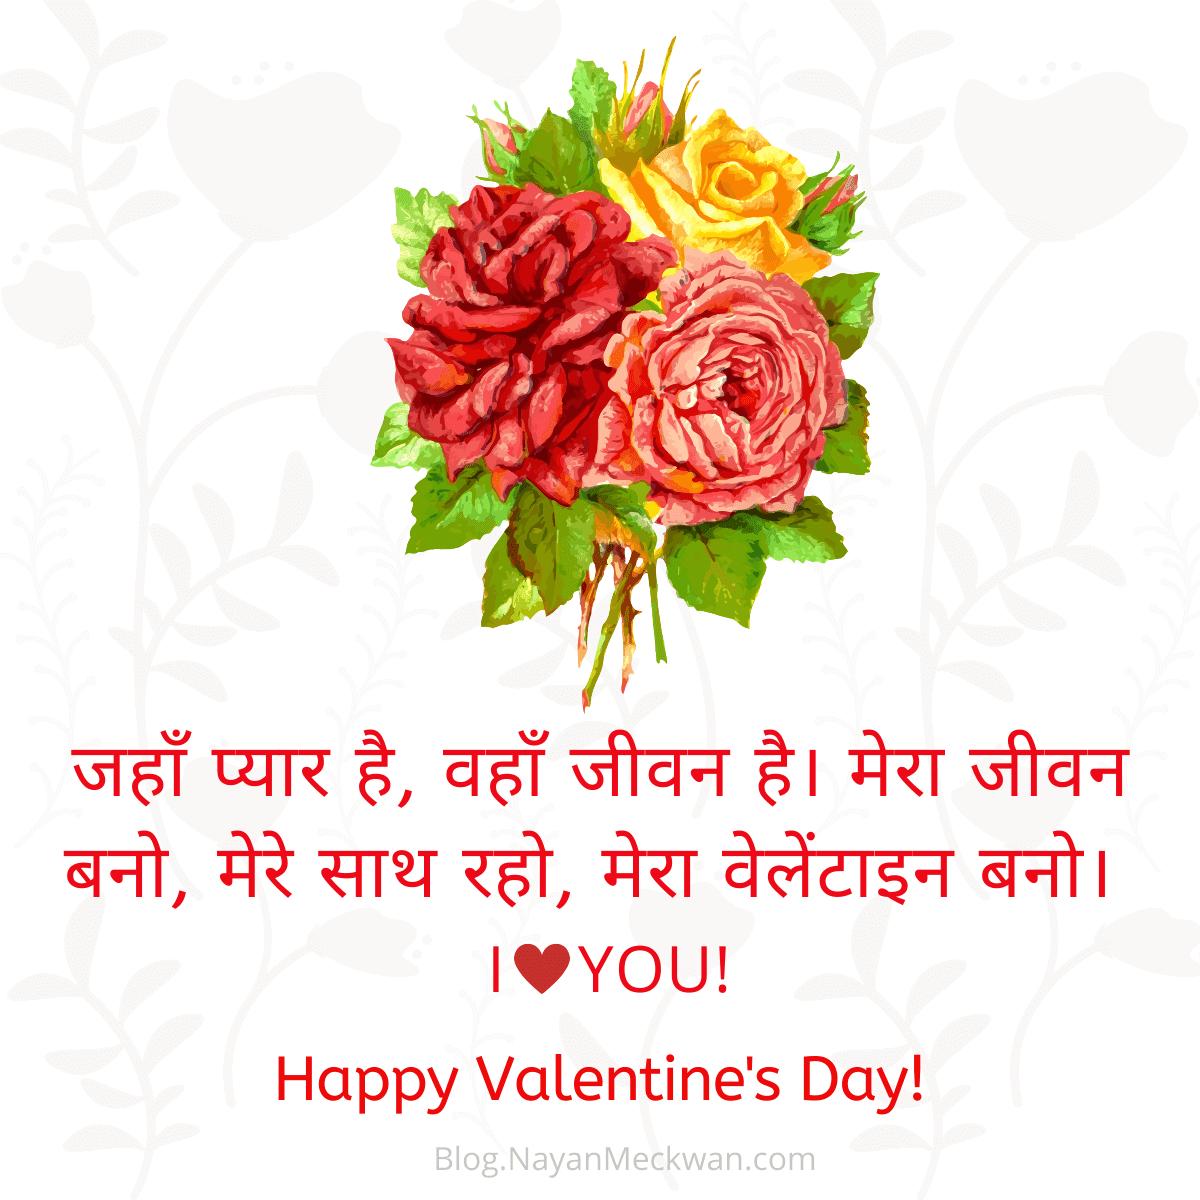 Mera Valentine Bano Hindi Quote wishes, SMS Greetings 2020